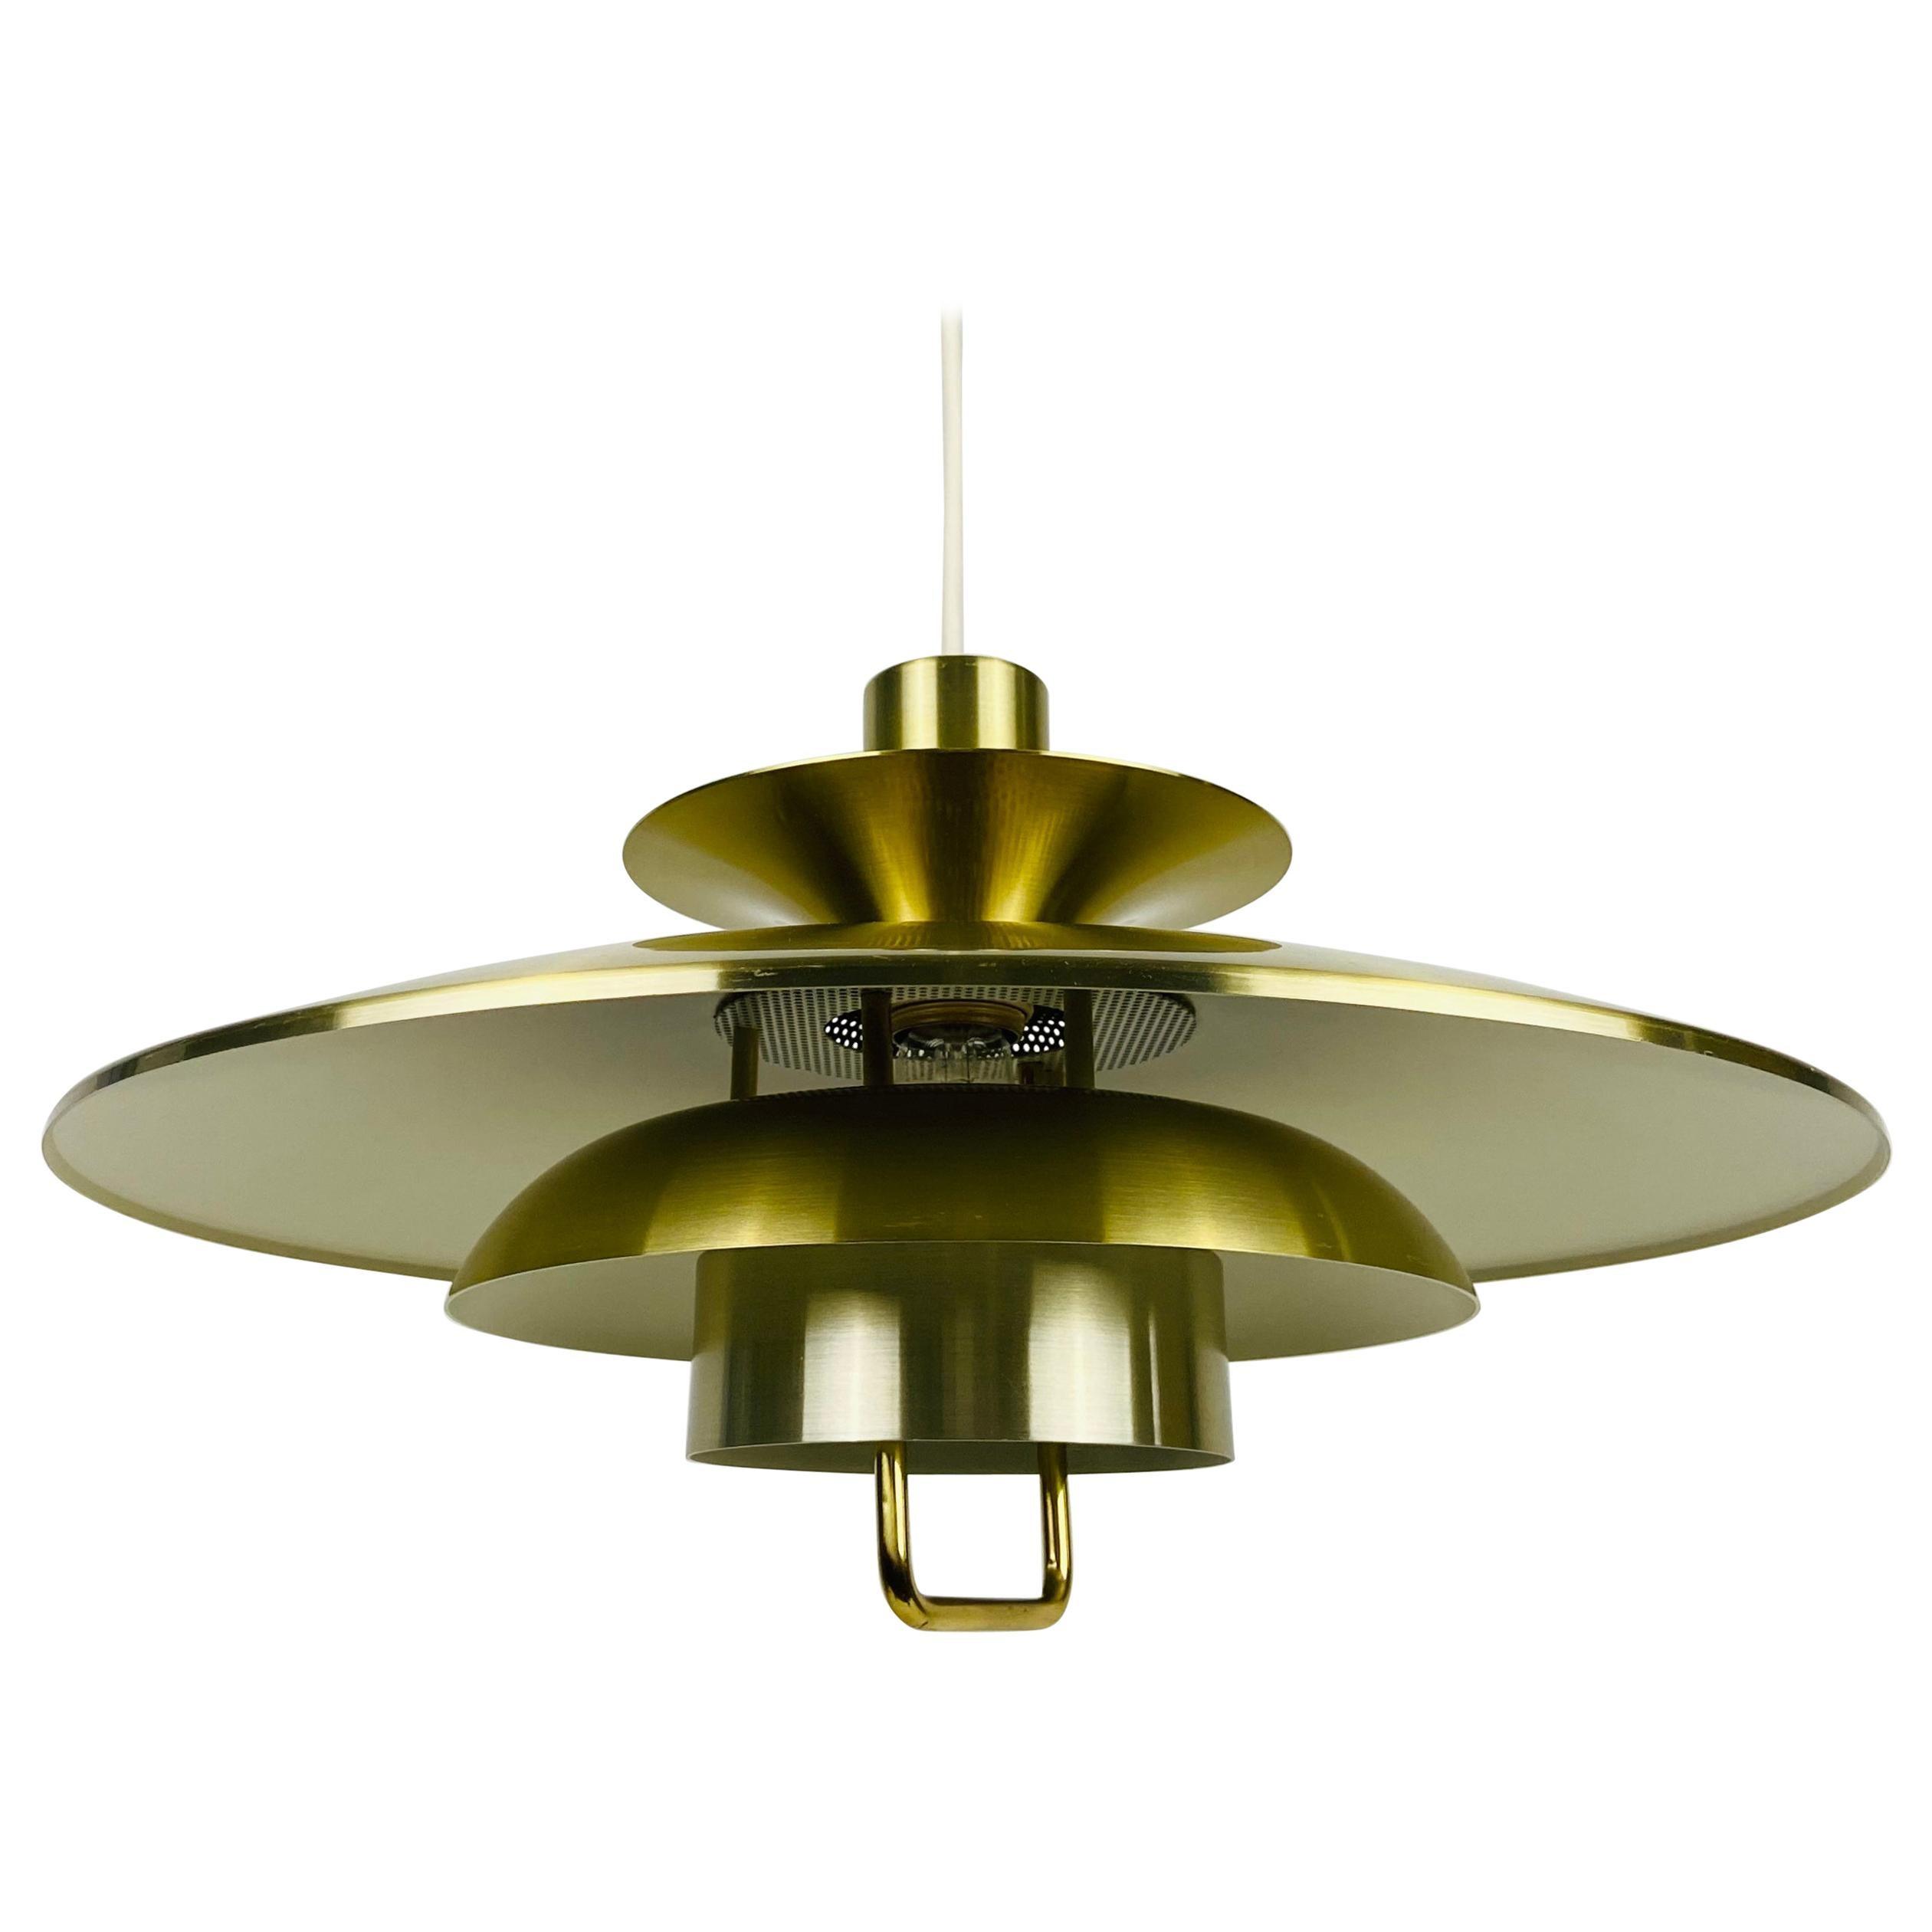 Danish Brass and Metal Pendant Lamp, 1960s